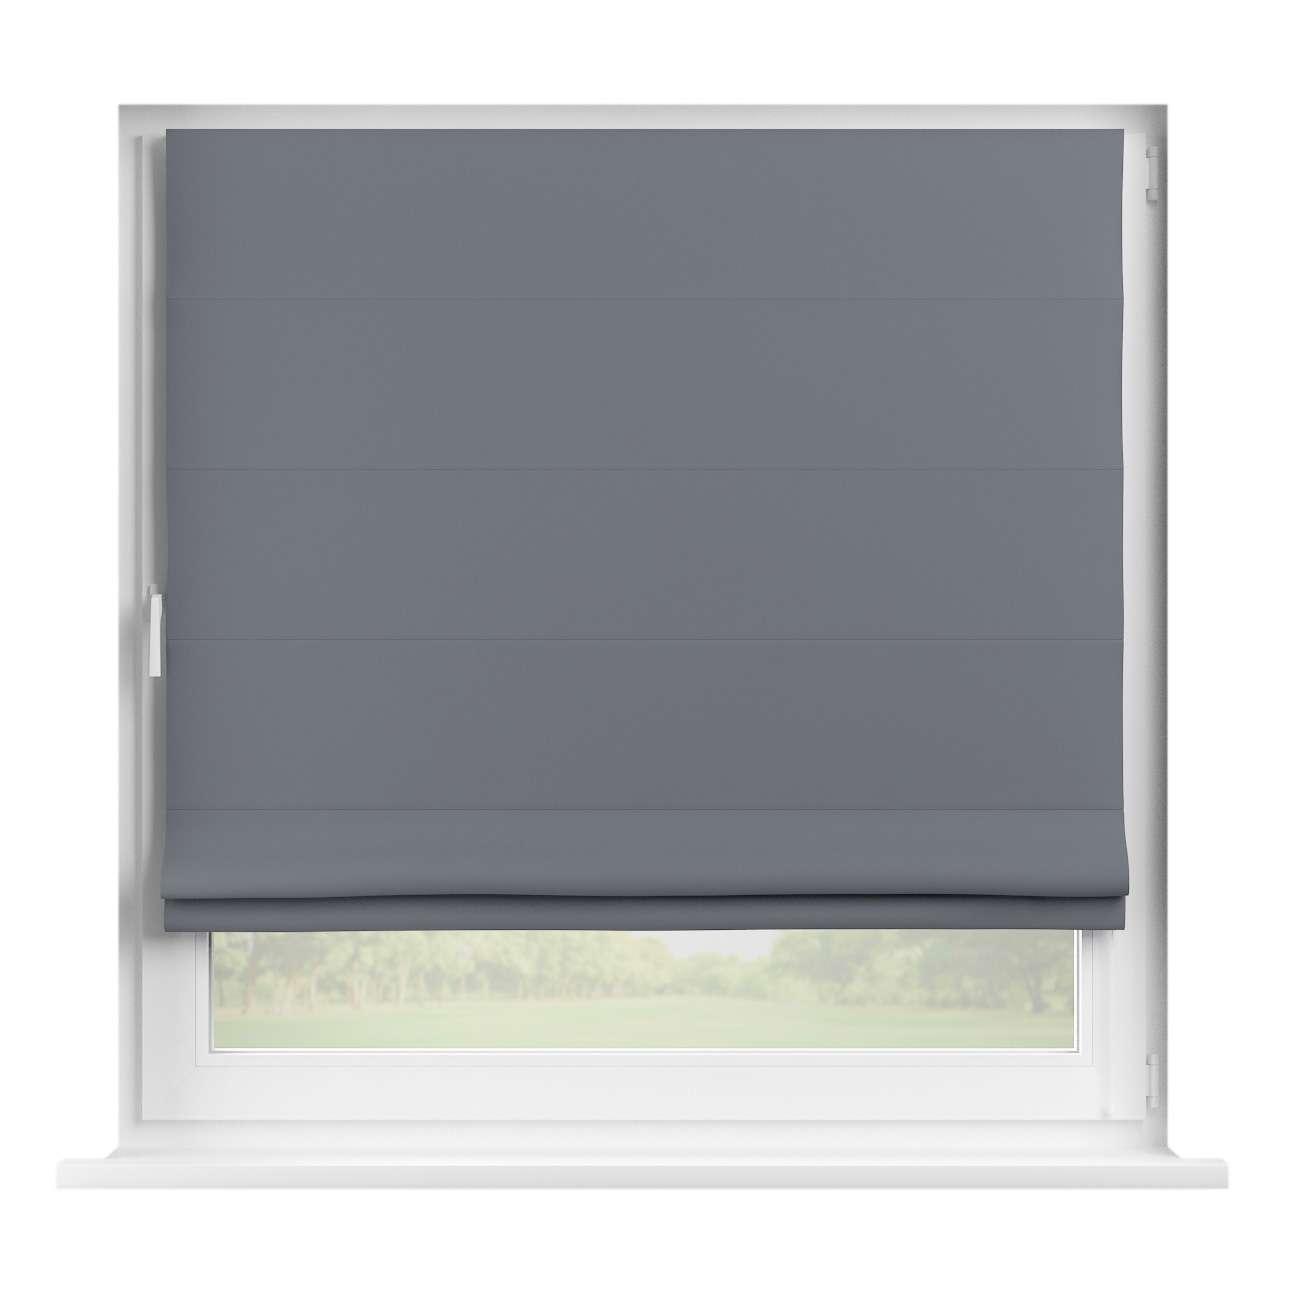 Lystette liftgardiner 80 x 170 cm fra kolleksjonen Blackout (mørklegging), Stoffets bredde: 269-76